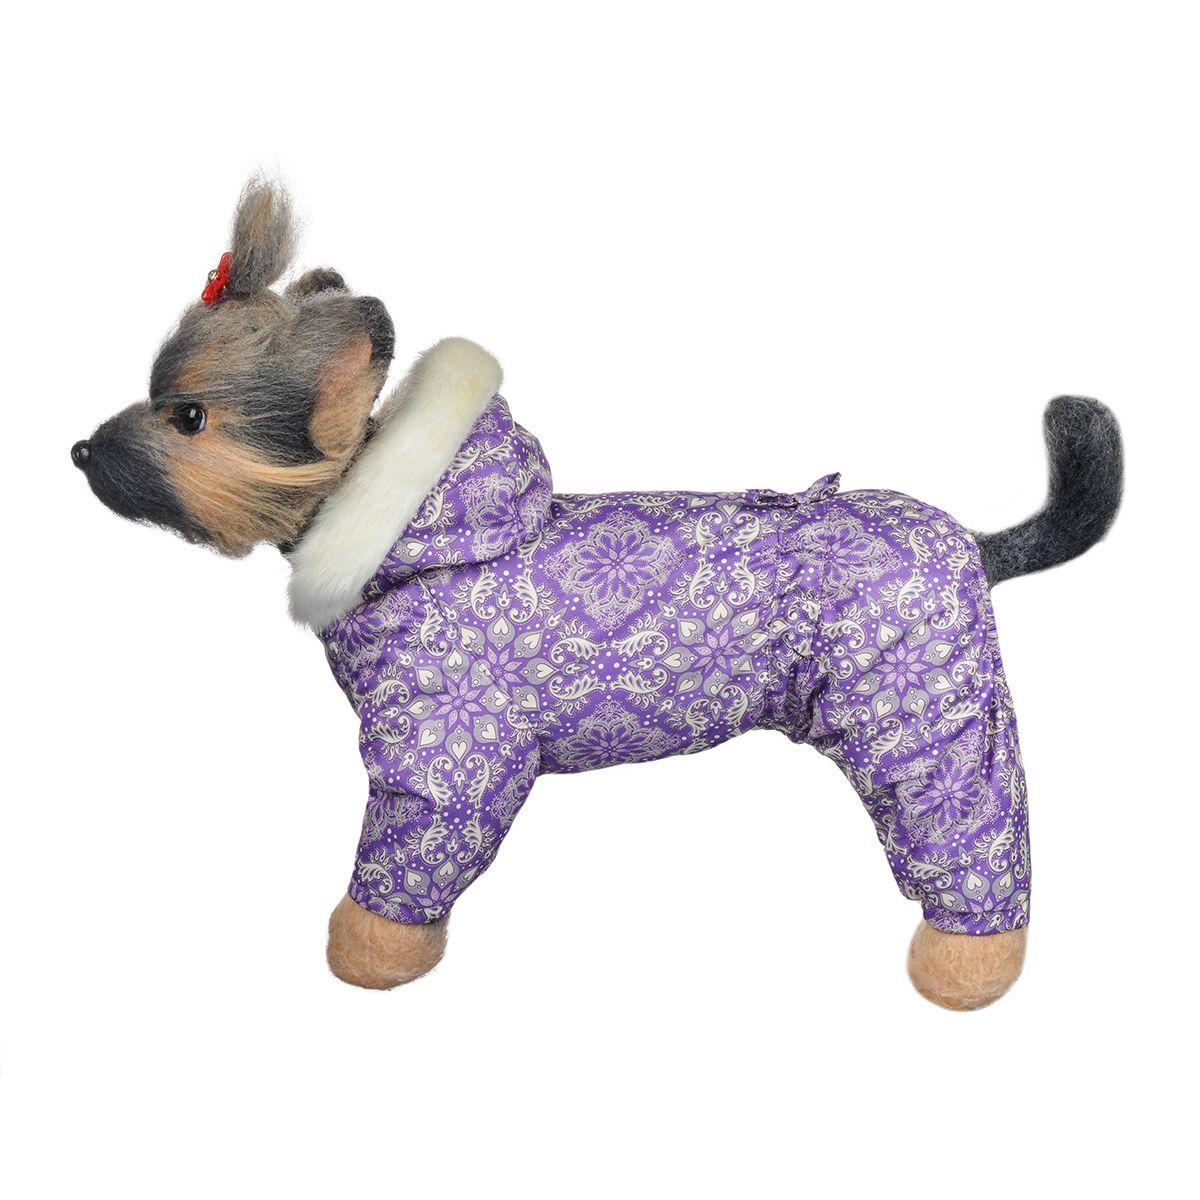 Комбинезон для собак Dogmoda Winter, зимний, для девочки, цвет: фиолетовый, белый, серый. Размер 4 (XL)DM-150335-4Зимний комбинезон для собак Dogmoda Winter отлично подойдет для прогулок в зимнее время года. Комбинезон изготовлен из полиэстера, защищающего от ветра и снега, с утеплителем из синтепона, который сохранит тепло даже в сильные морозы, а на подкладке используется искусственный мех, который обеспечивает отличный воздухообмен. Комбинезон с капюшоном застегивается на кнопки, благодаря чему его легко надевать и снимать. Капюшон украшен искусственным мехом и не отстегивается. Низ рукавов и брючин оснащен внутренними резинками, которые мягко обхватывают лапки, не позволяя просачиваться холодному воздуху. На пояснице комбинезон затягивается на шнурок-кулиску. Благодаря такому комбинезону простуда не грозит вашему питомцу.